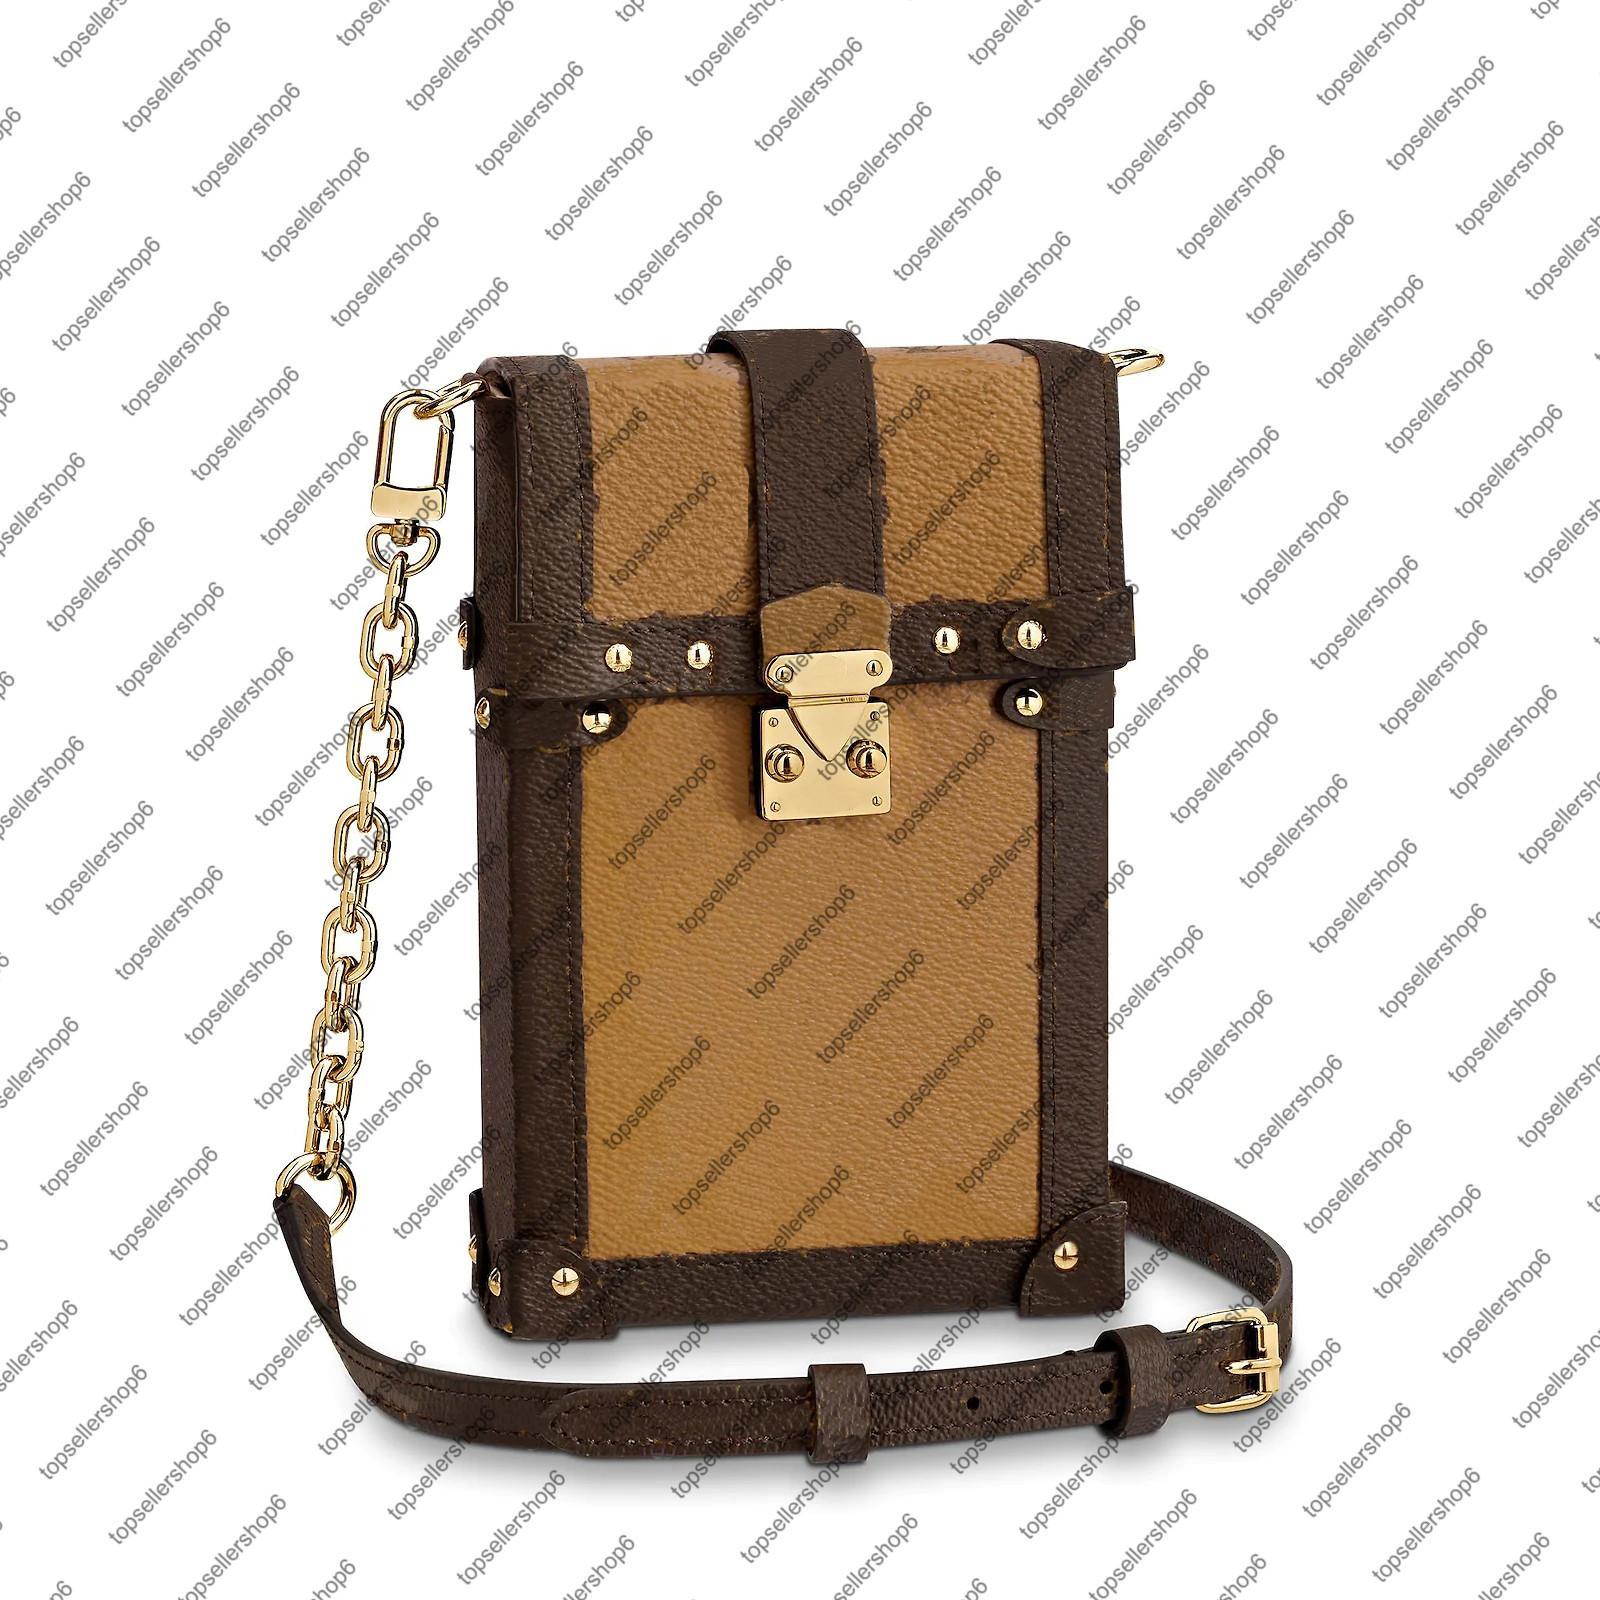 M63913 M67873 العمودي الجذع pochette قماش مخلب رسول المرأة حقيقي مصمم جلدية مربع محفظة البسيطة crossbody مساء حقيبة الكتف